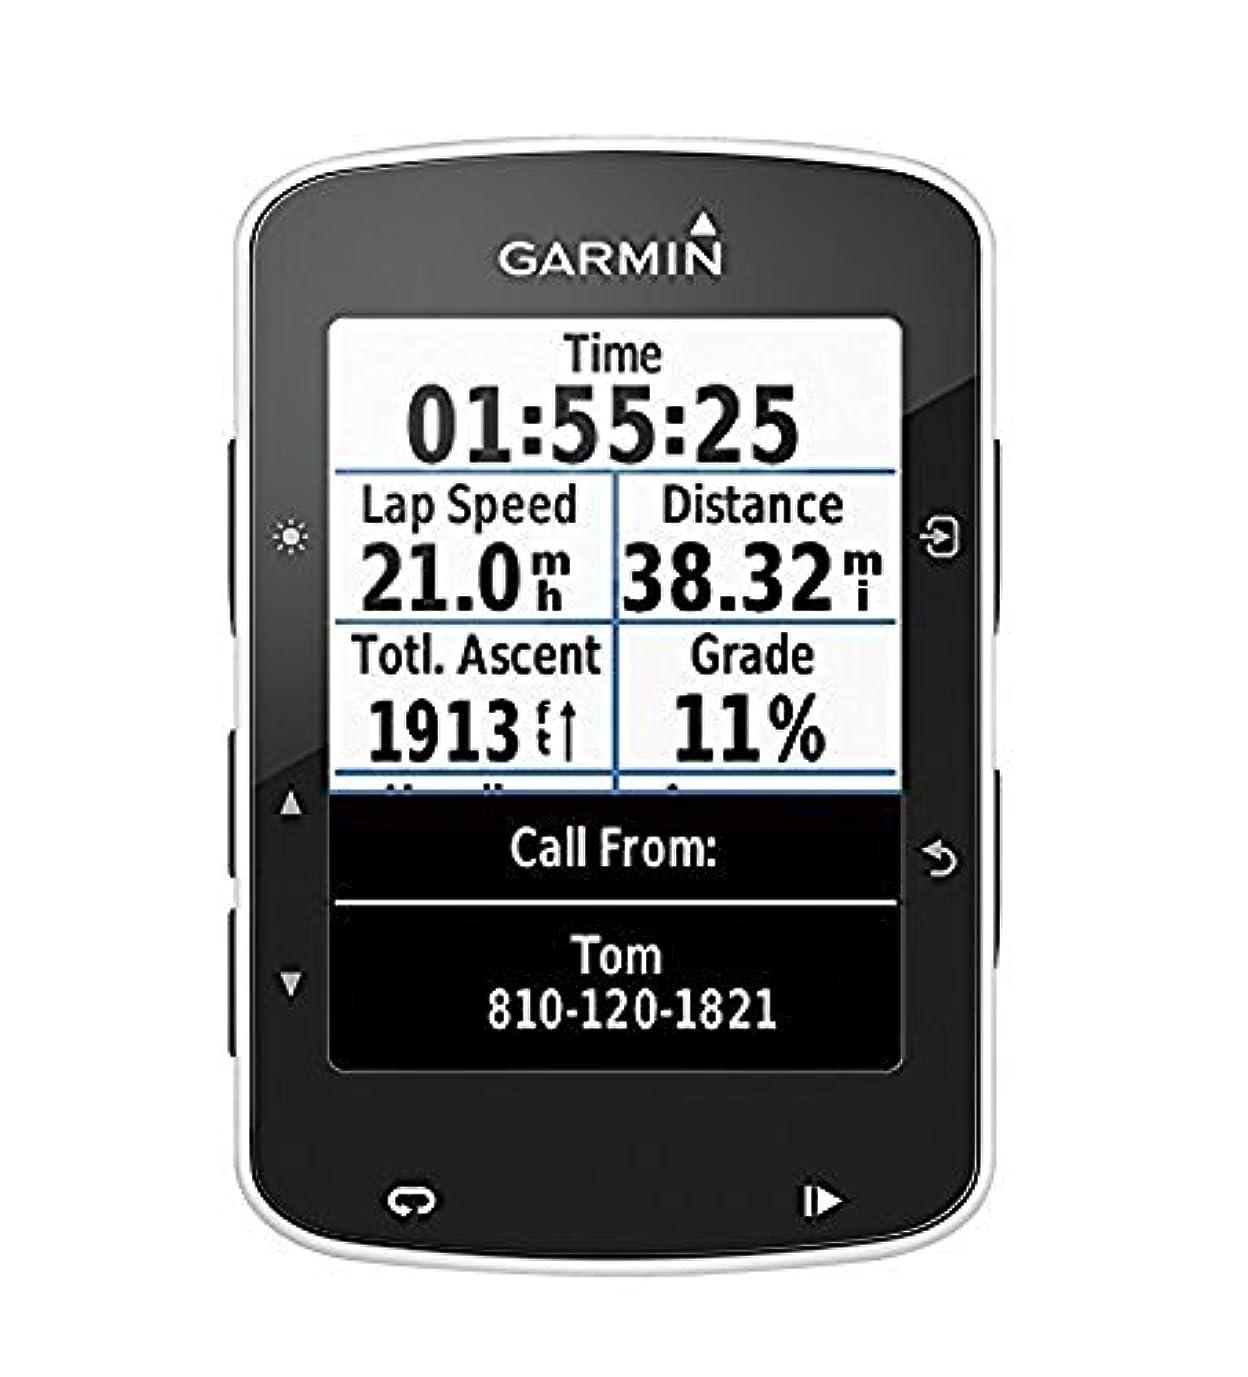 光ラテン音楽を聴くGARMIN(ガーミン) Edge (エッジ) 520 GPS 自転車用 コンピュータ [並行輸入品]